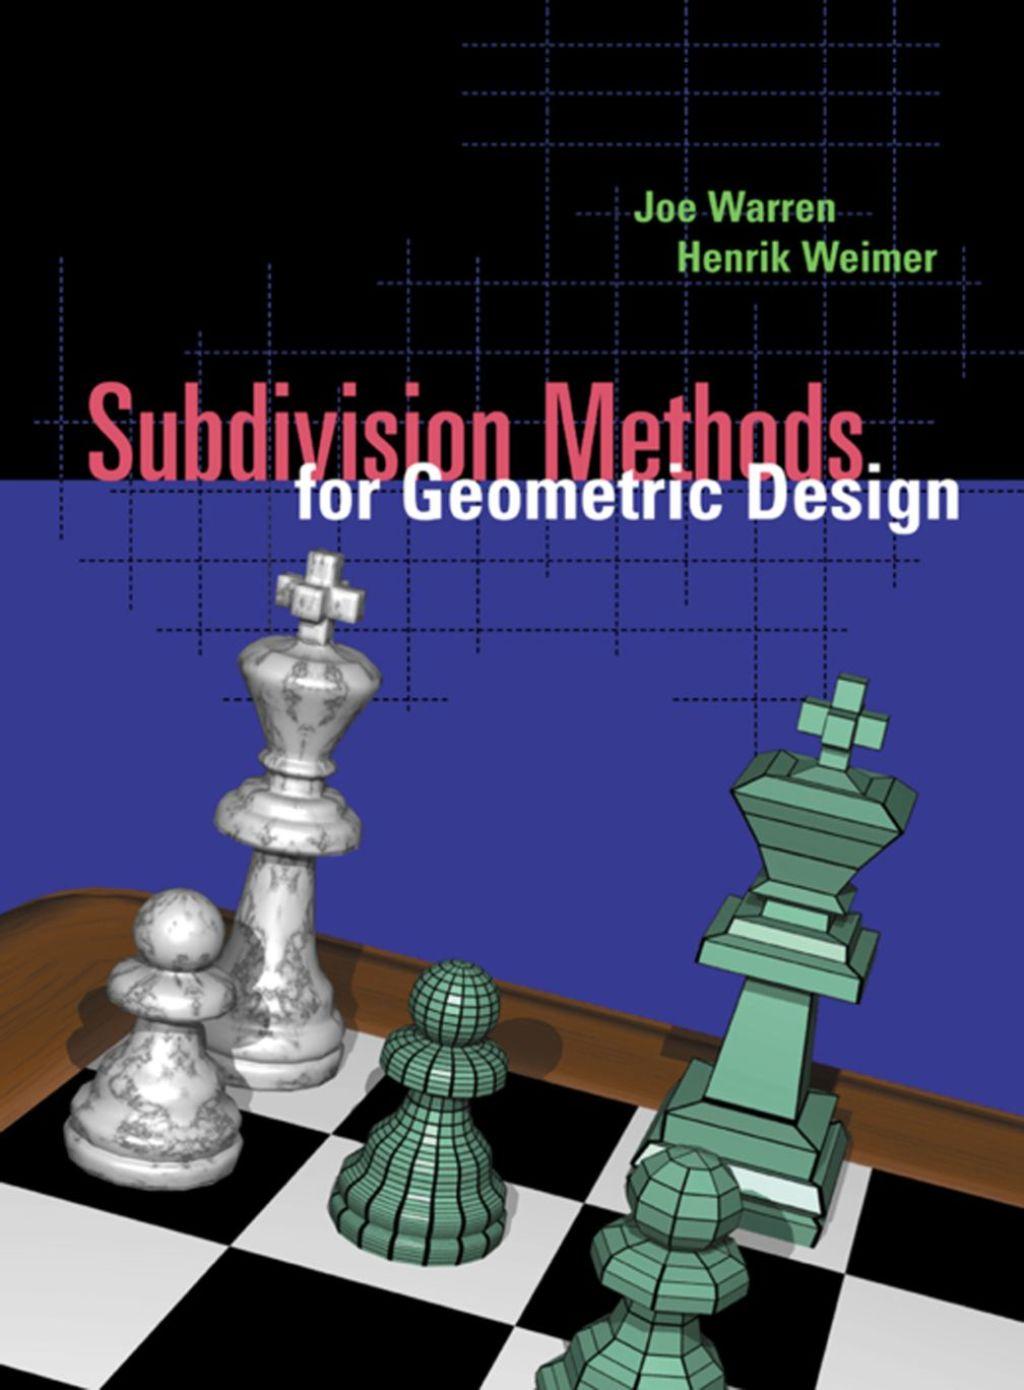 By Warren,  Joe; Weimer,  Henrik PRINTISBN: 9781558604469 E-TEXT ISBN: 9780080498324 Edition: 0